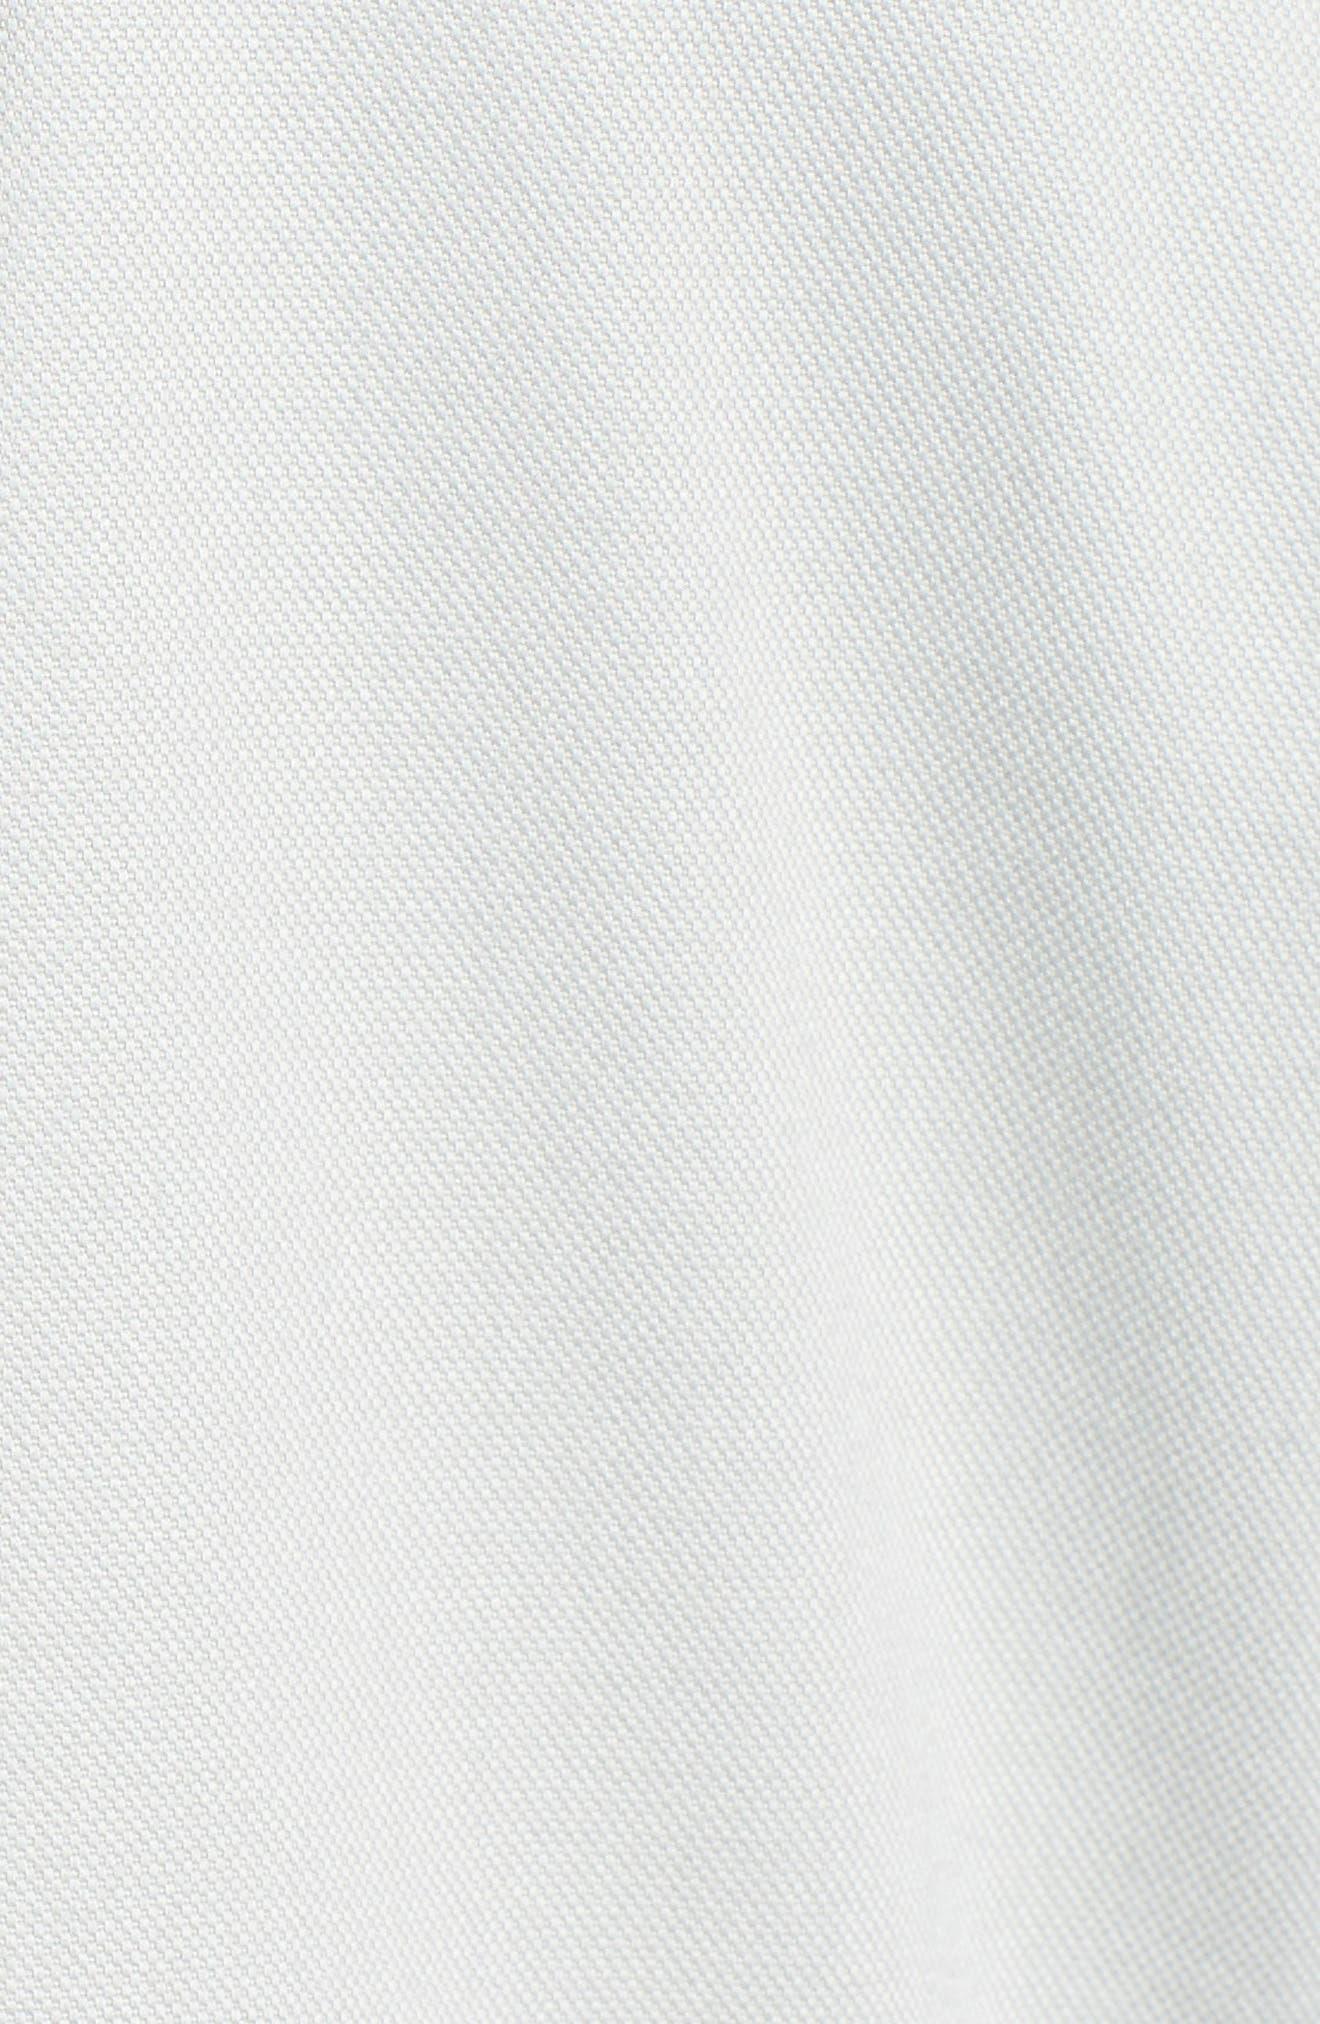 Trim Fit Stretch Cotton Blazer,                             Alternate thumbnail 5, color,                             051